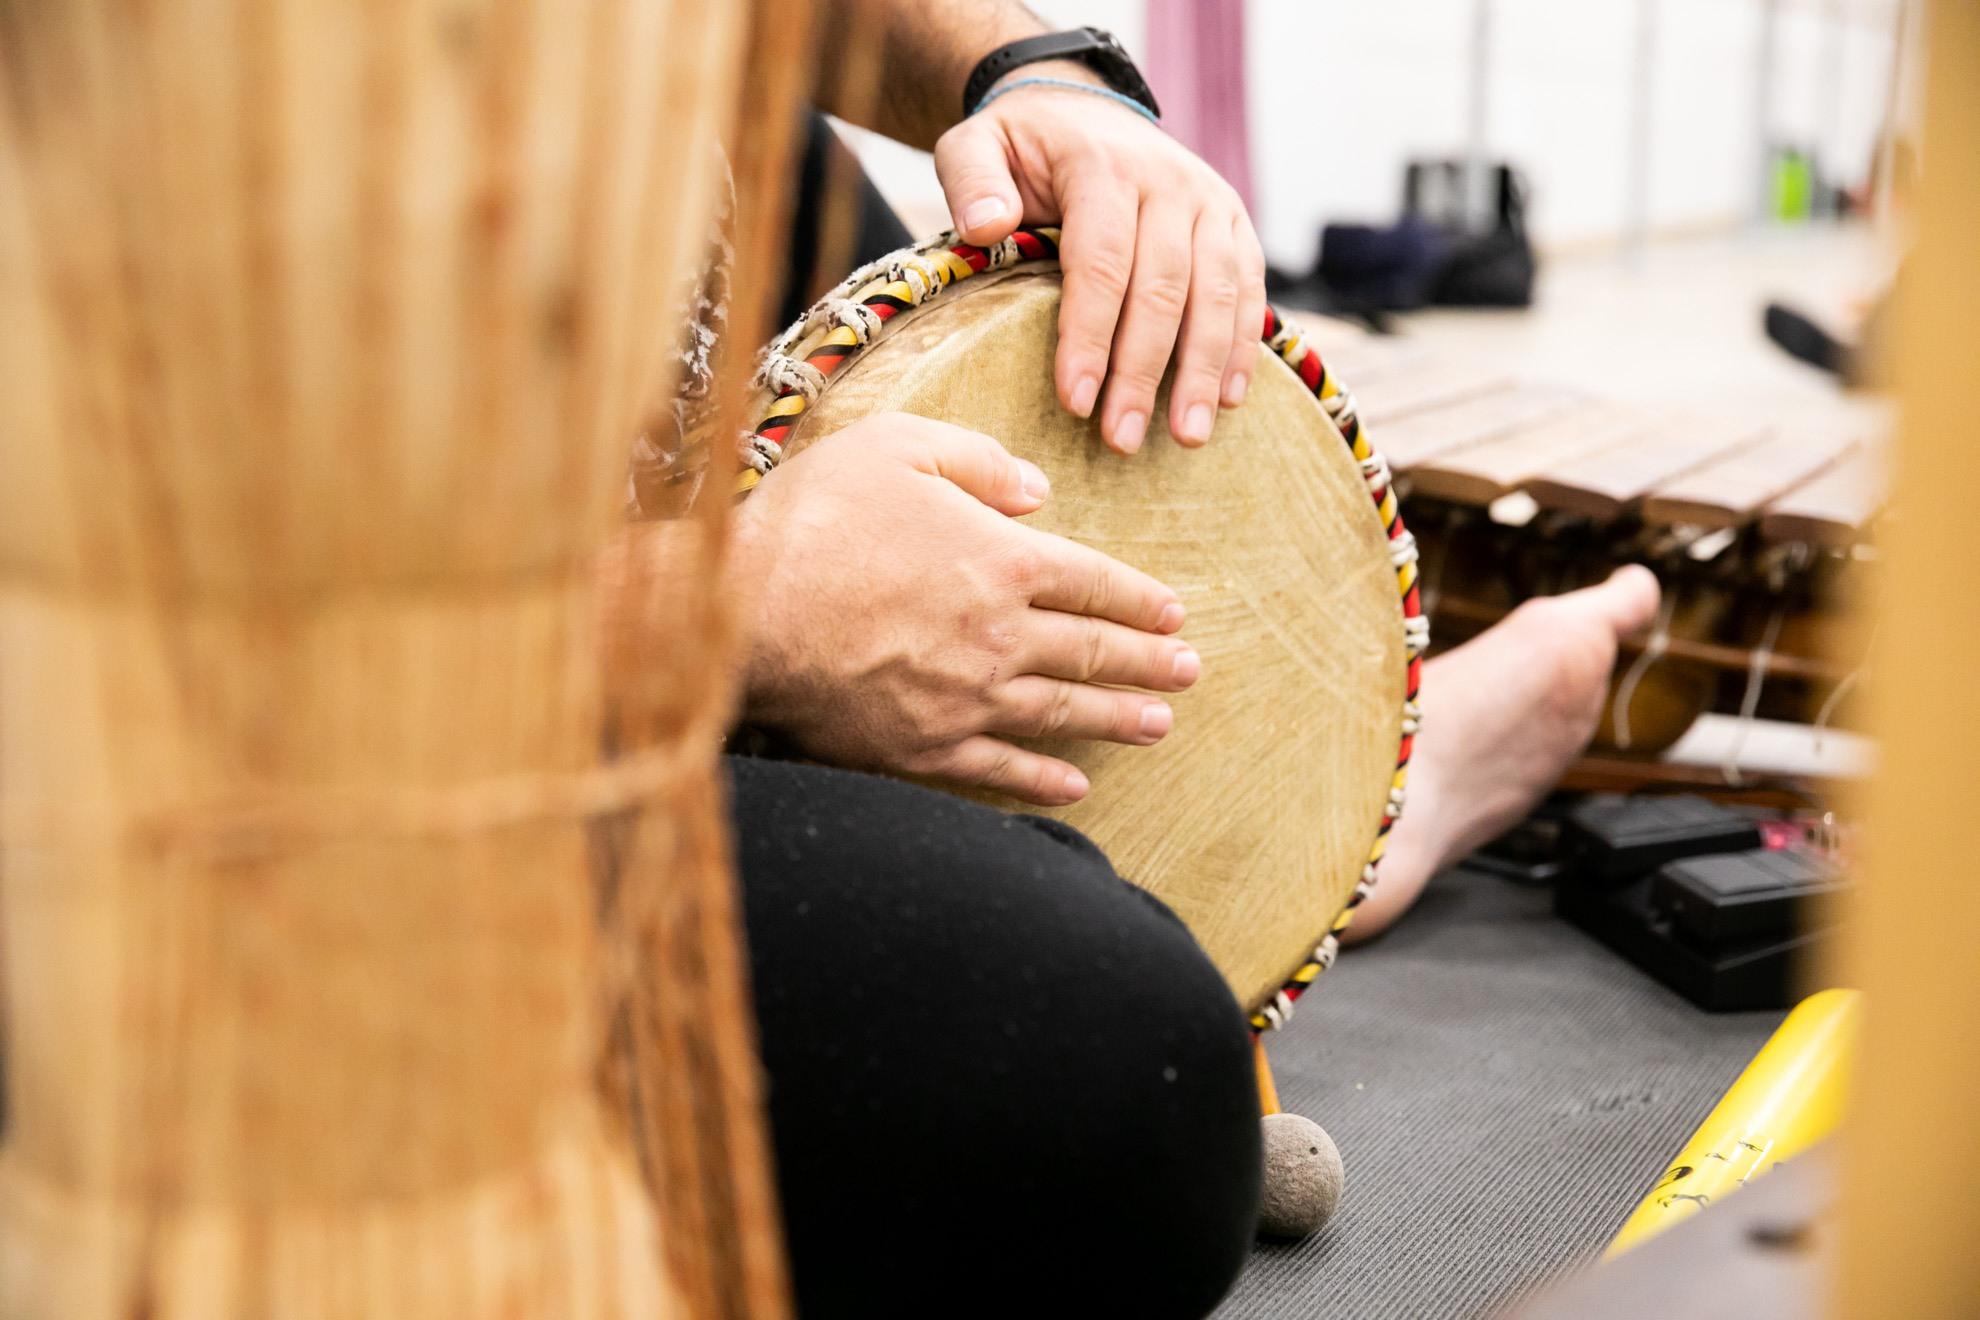 Stage percussioni PERCmob per EC musica